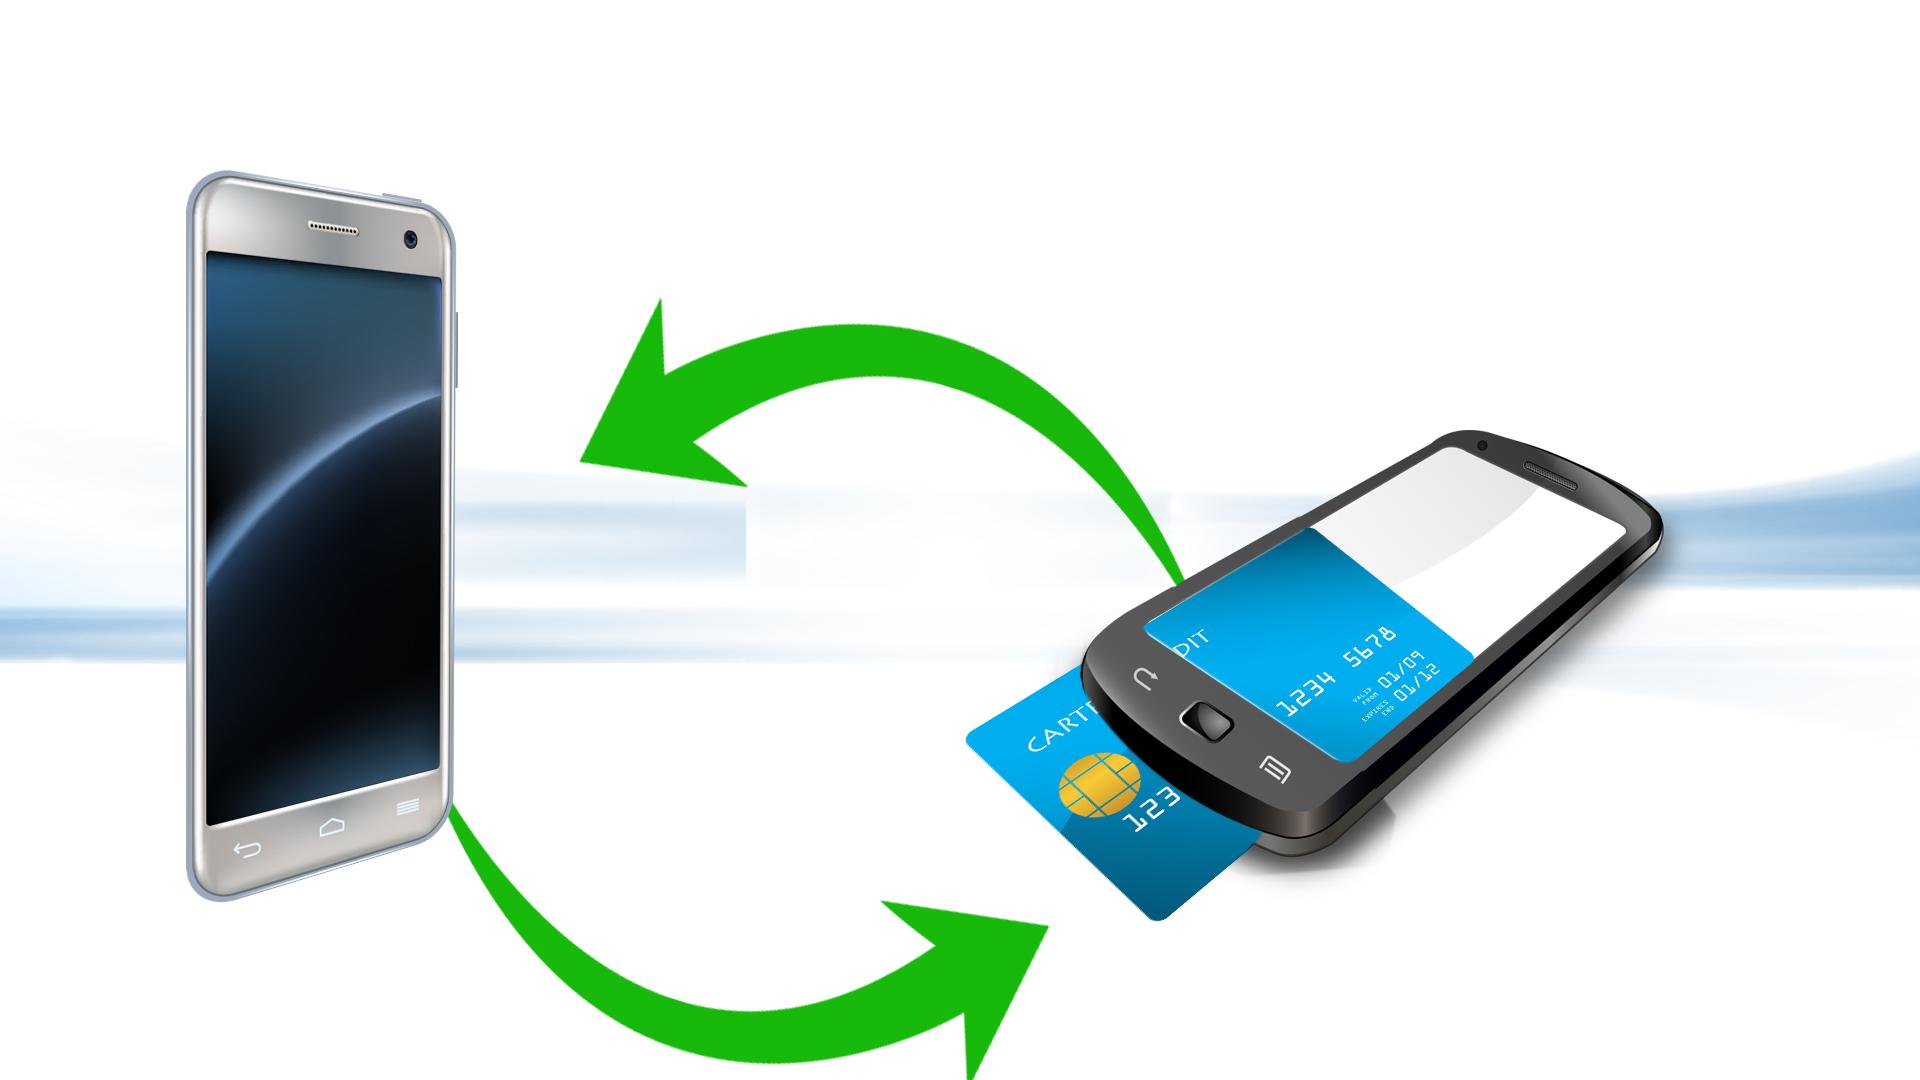 Le paiement mobile: Un mode sûr et bénéfique